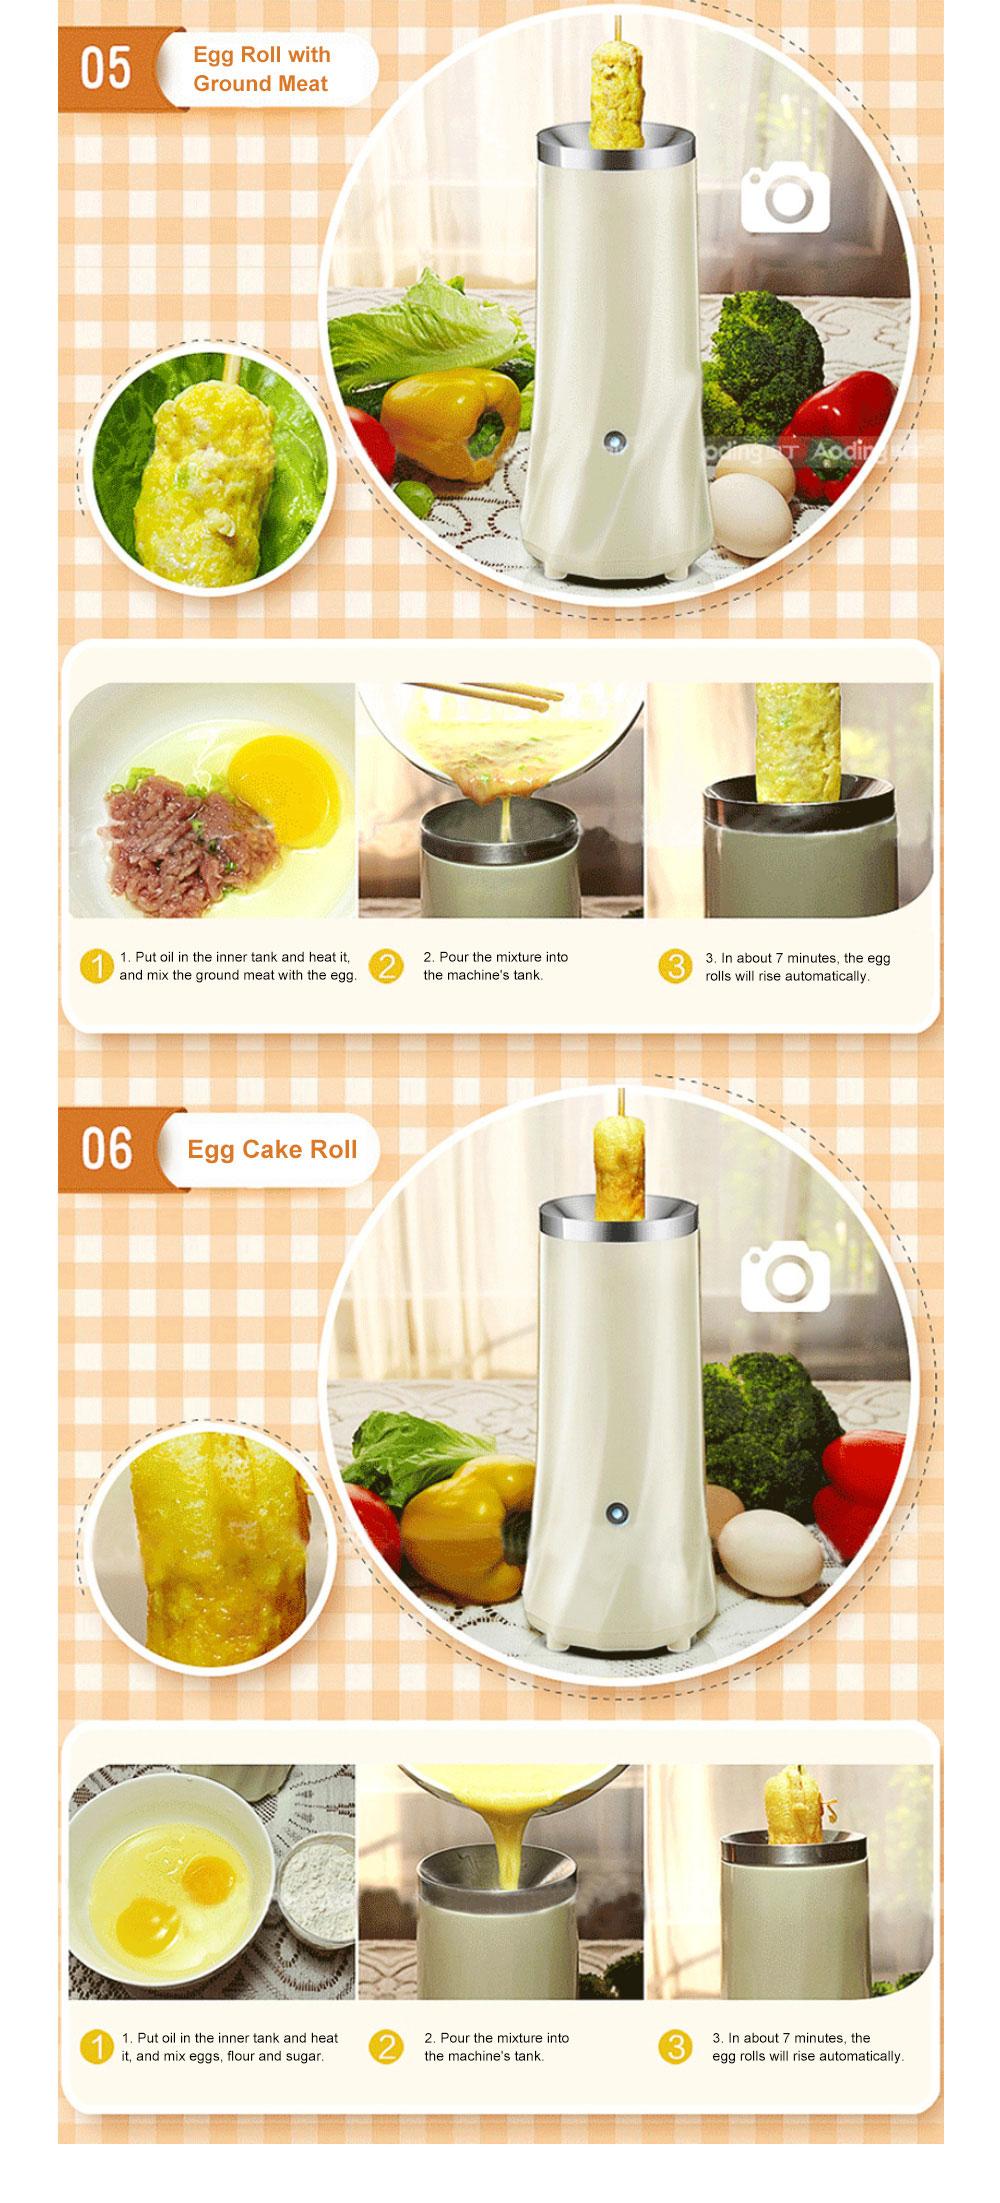 Portable Multifunctional Egg Roll Maker Household Automatic Breakfast Egg Fryer Stainless Steel Maker Easy-Operation Single Tube Omelet Electric Machine 9